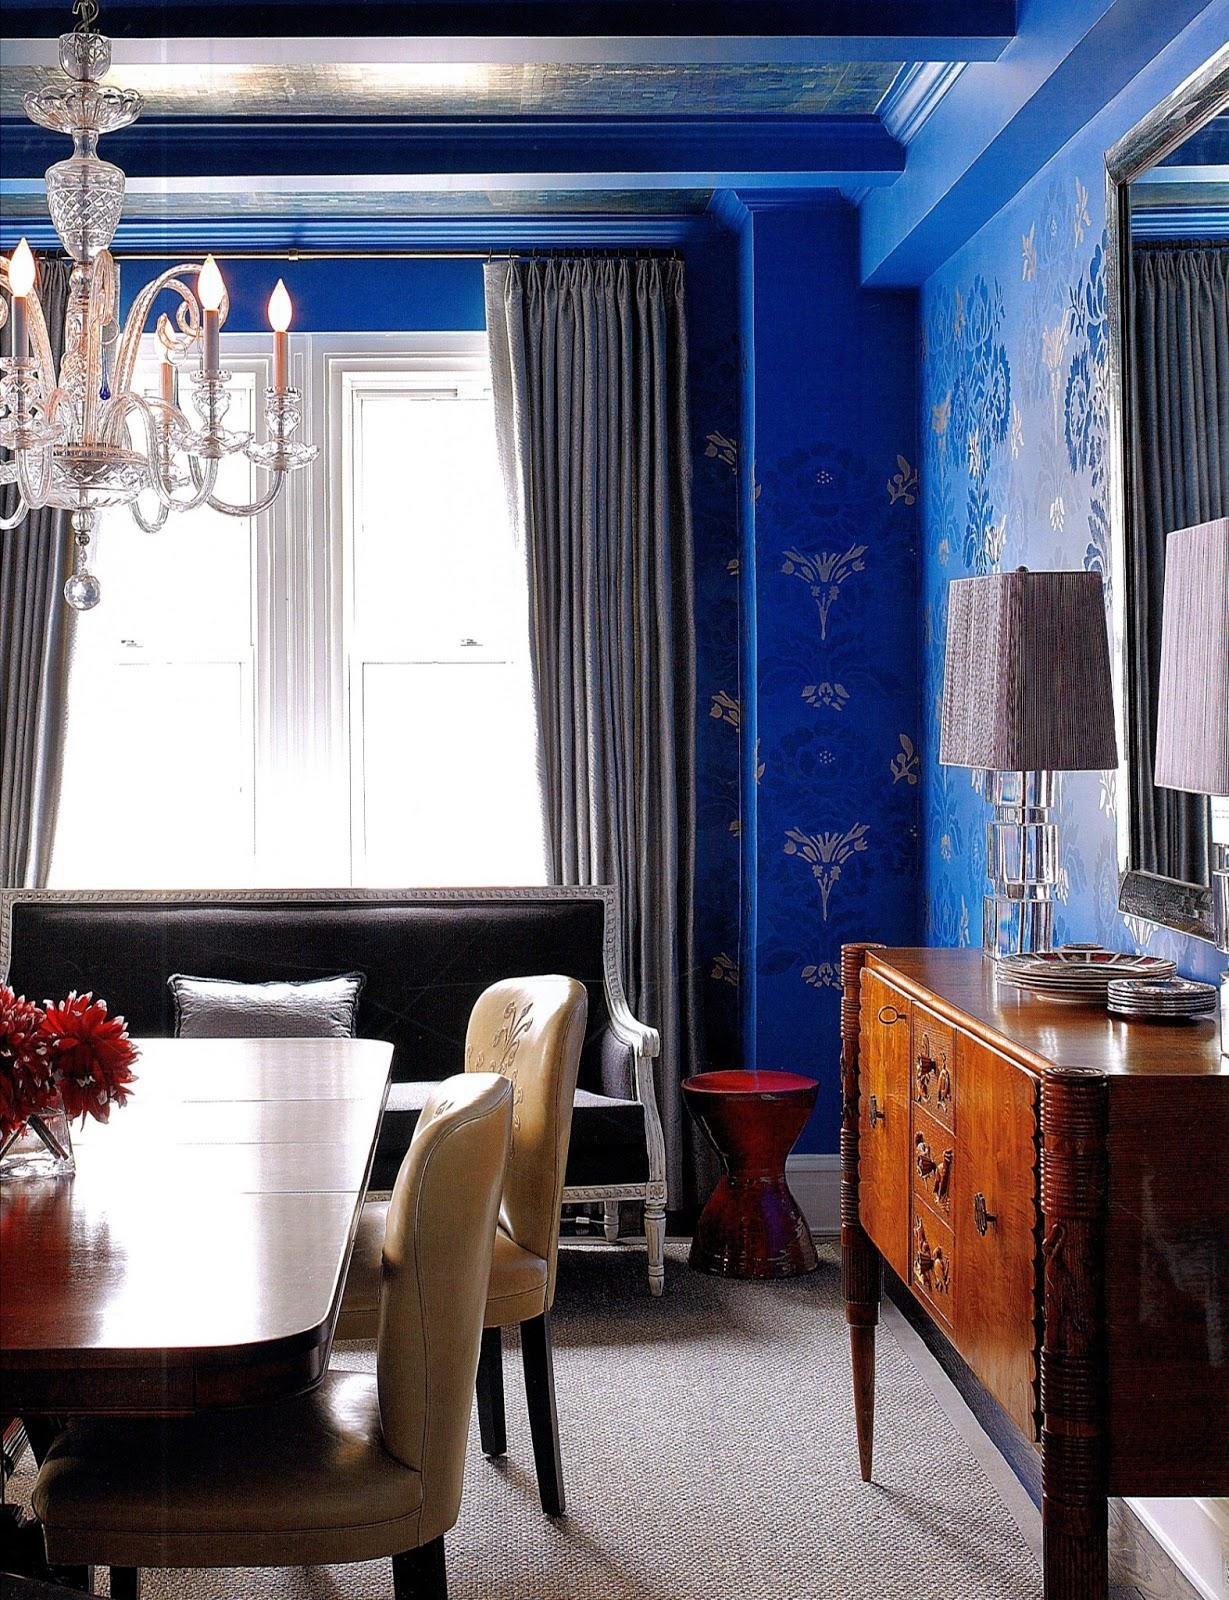 http://3.bp.blogspot.com/--2o4QChSCfs/UWNcwgmsQjI/AAAAAAAAAh8/YEd2RubQRoI/s1600/Katie+Ridder+(Book-+Rooms).jpg